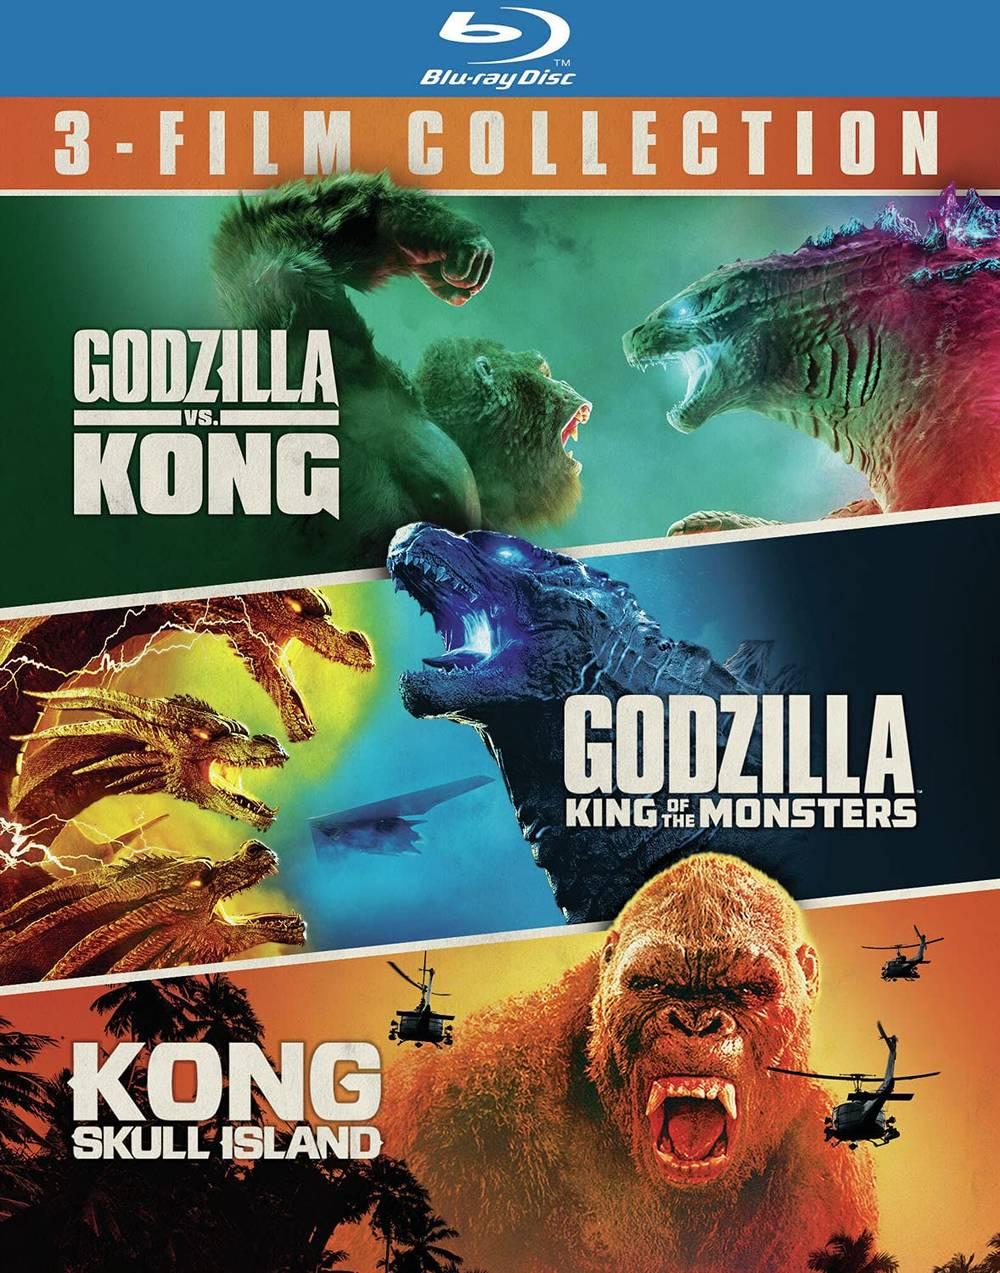 Godzilla [Movie] - Godzilla vs. Kong/Godzilla: King of the Monsters/Kong: Skull Island (3 Film Bundle)